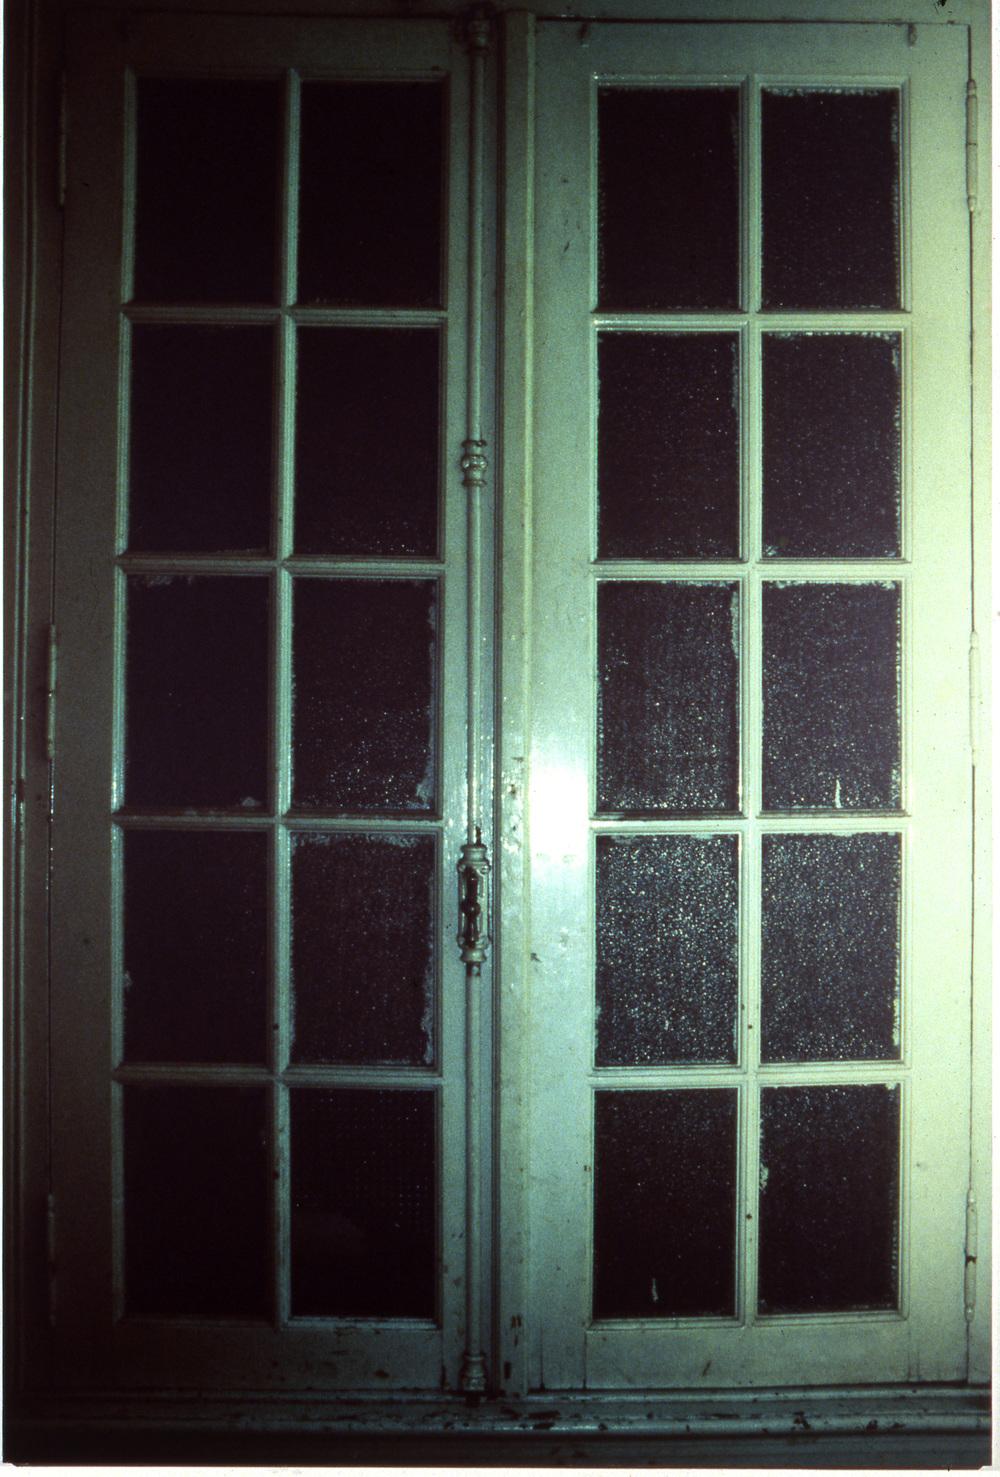 DuchampFenetreFraiche01.jpg